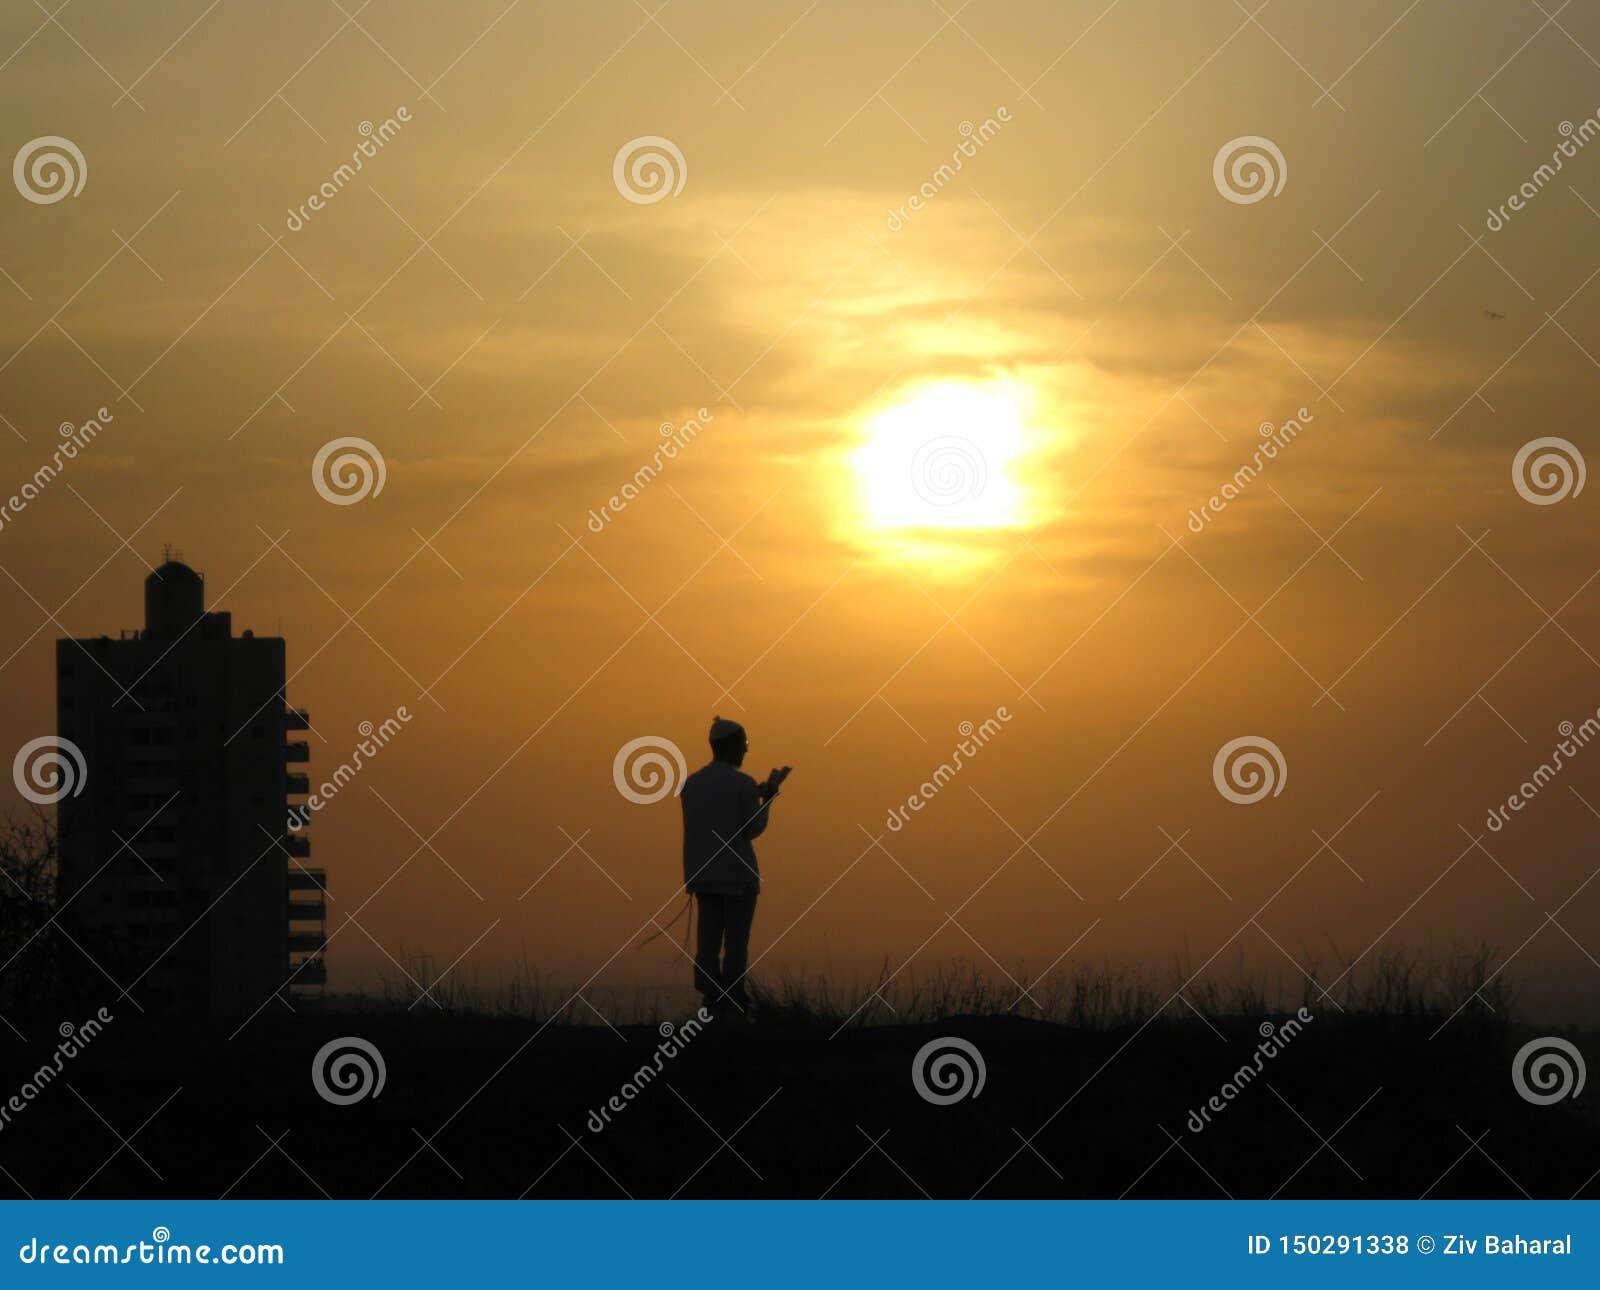 Une personne religieuse prie à Dieu sur une colline devant le soleil et le coucher du soleil